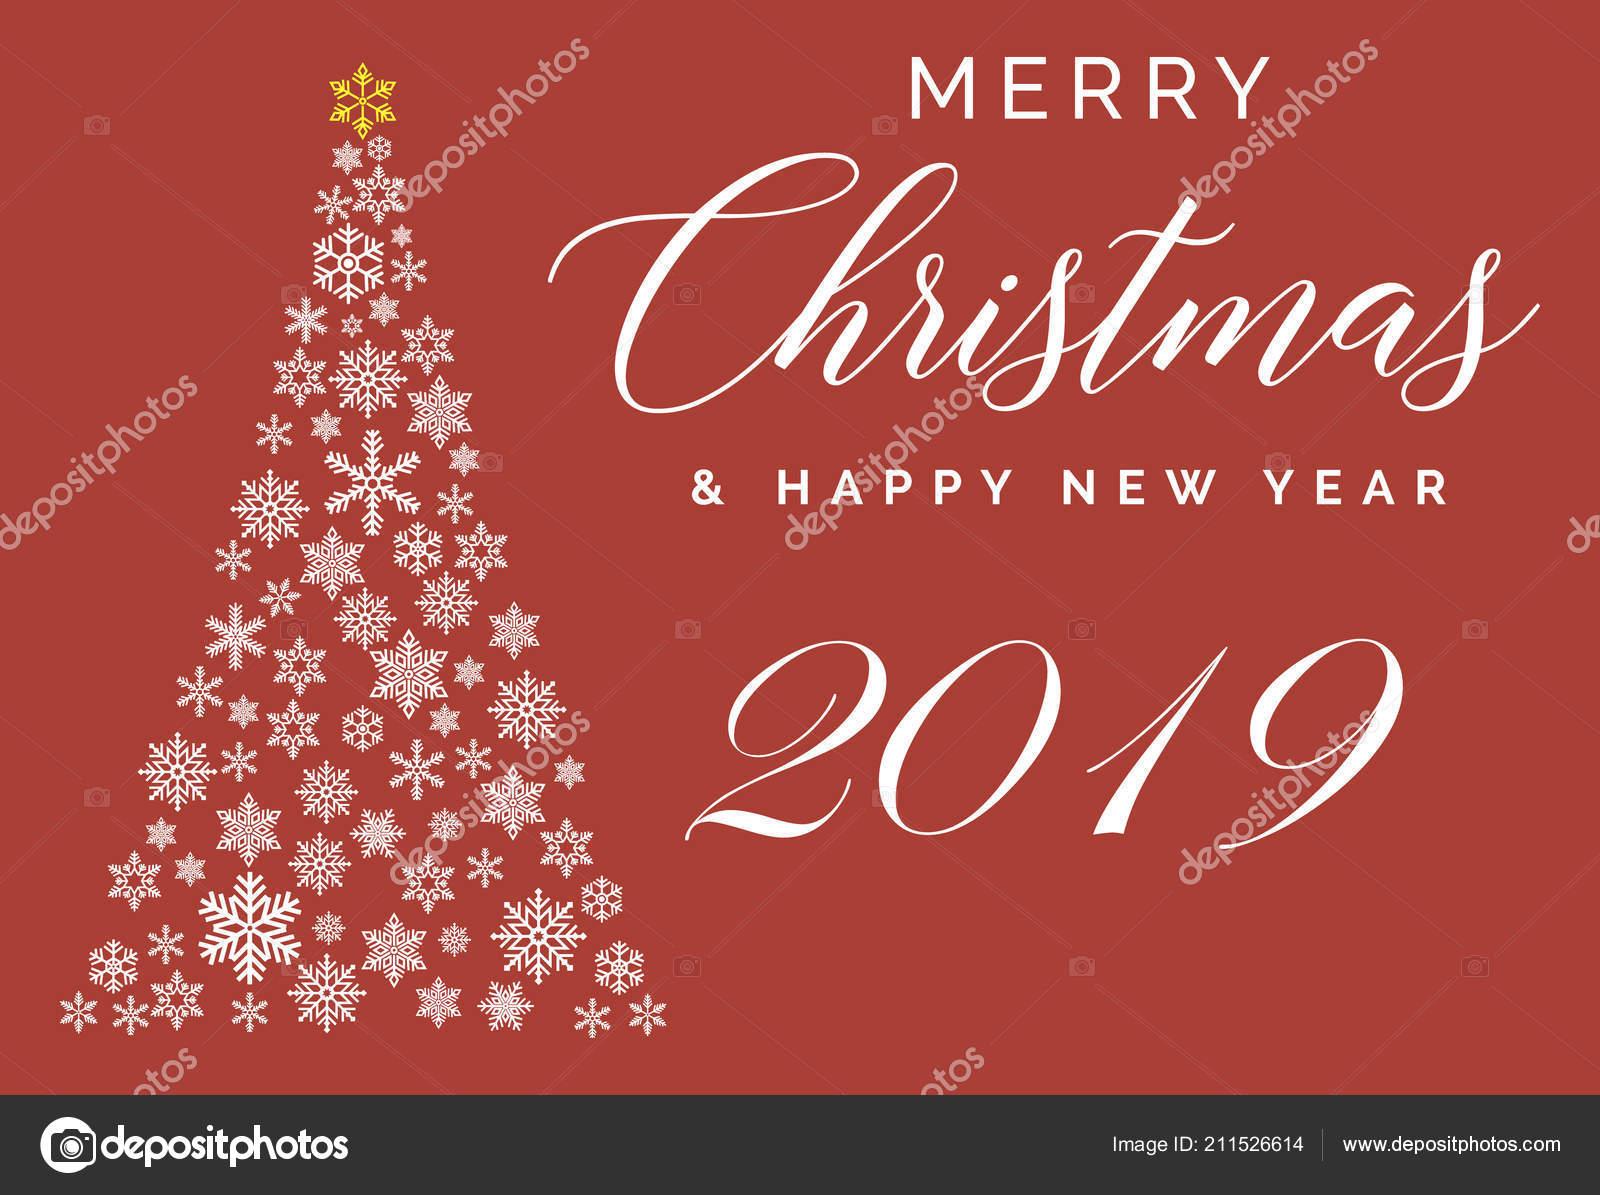 Frohe Weihnachten Und Happy New Year.Frohe Weihnachten Und Happy New Year 2019 Schriftzug Vorlage